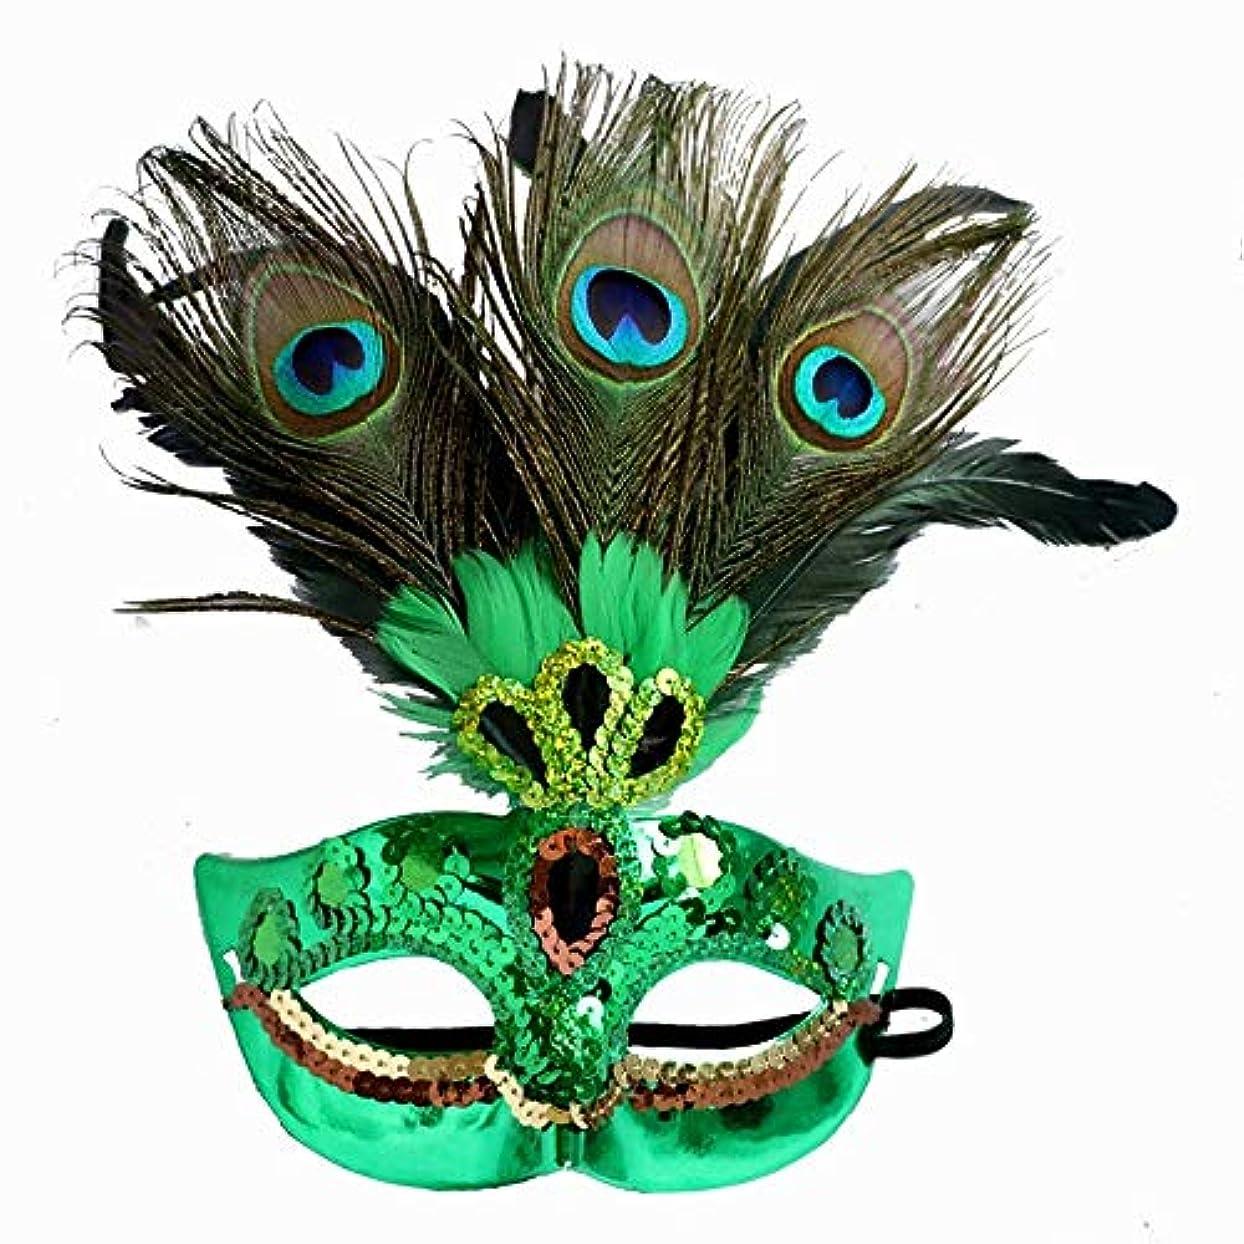 分布比較せっかちダンスマスク 仮面舞踏会マスククジャクの羽パーティー衣装ハロウィンマスクボール目猫女性マスクハーフマスク ホリデーパーティー用品 (色 : 緑, サイズ : 18x25cm)